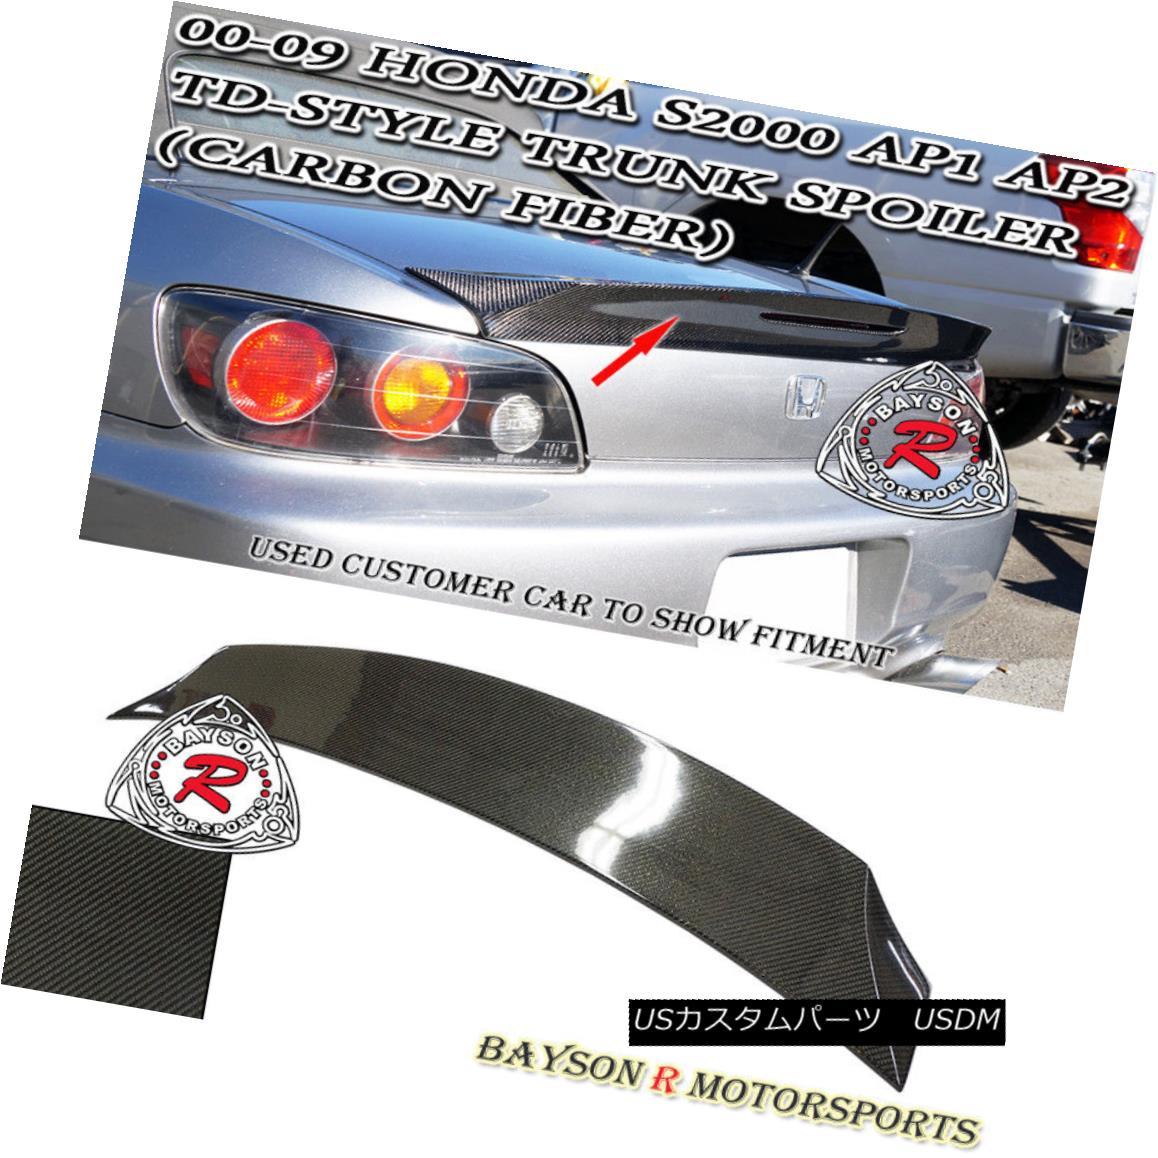 エアロパーツ TD-Style Rear Trunk Spoiler Wing (Carbon) Fits 00-09 Honda S2000 AP1 AP2 TD-Styleリアトランクスポイラーウインカー(カーボン)00-09ホンダS2000 AP1 AP2